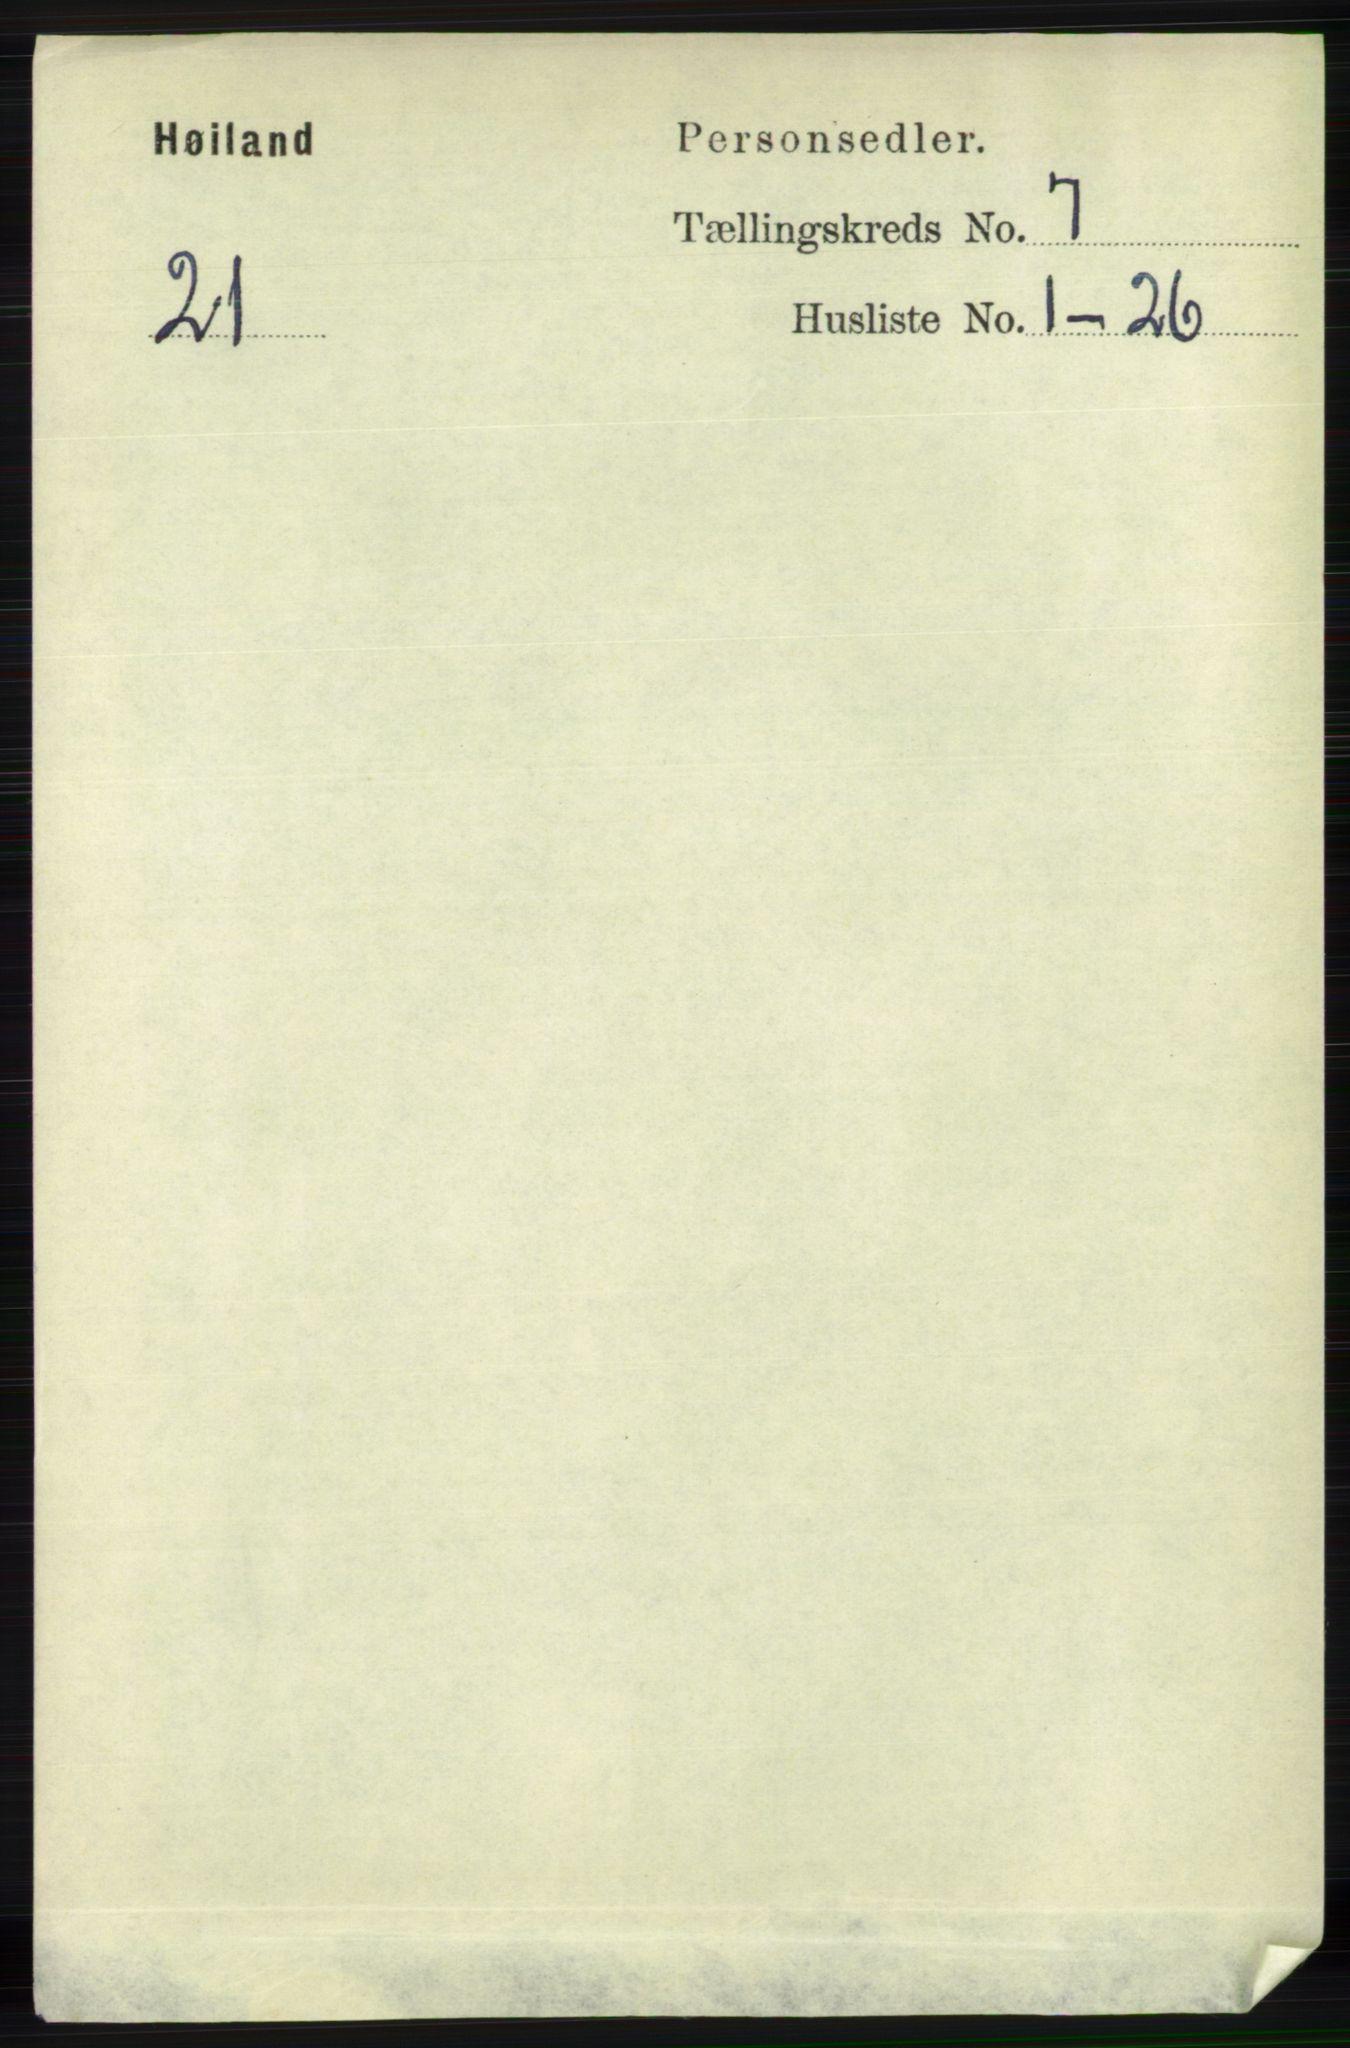 RA, Folketelling 1891 for 1123 Høyland herred, 1891, s. 2392